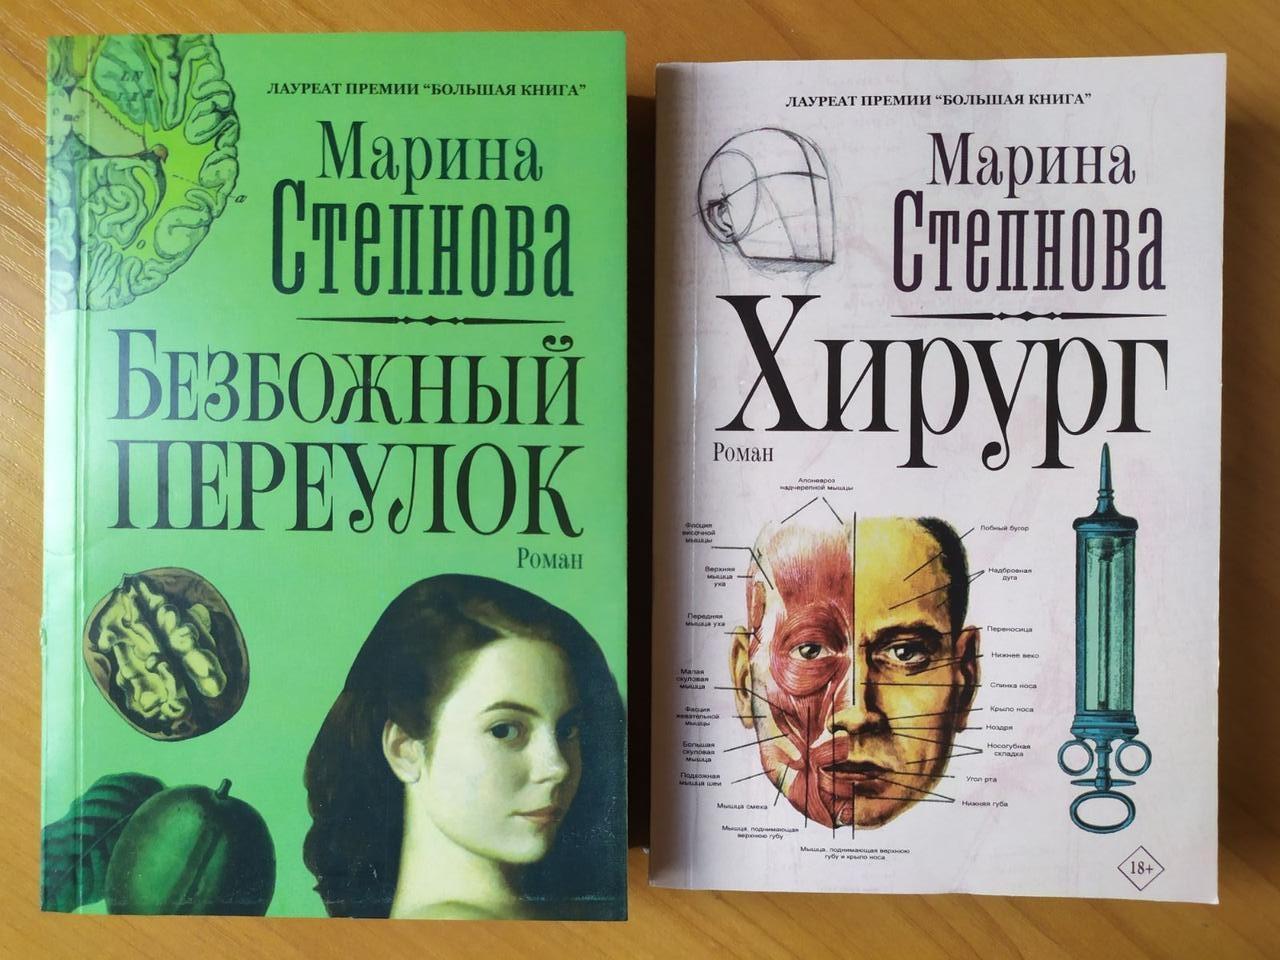 Марина Степнова. Комплект книг. Безбожный переулок. Хирург